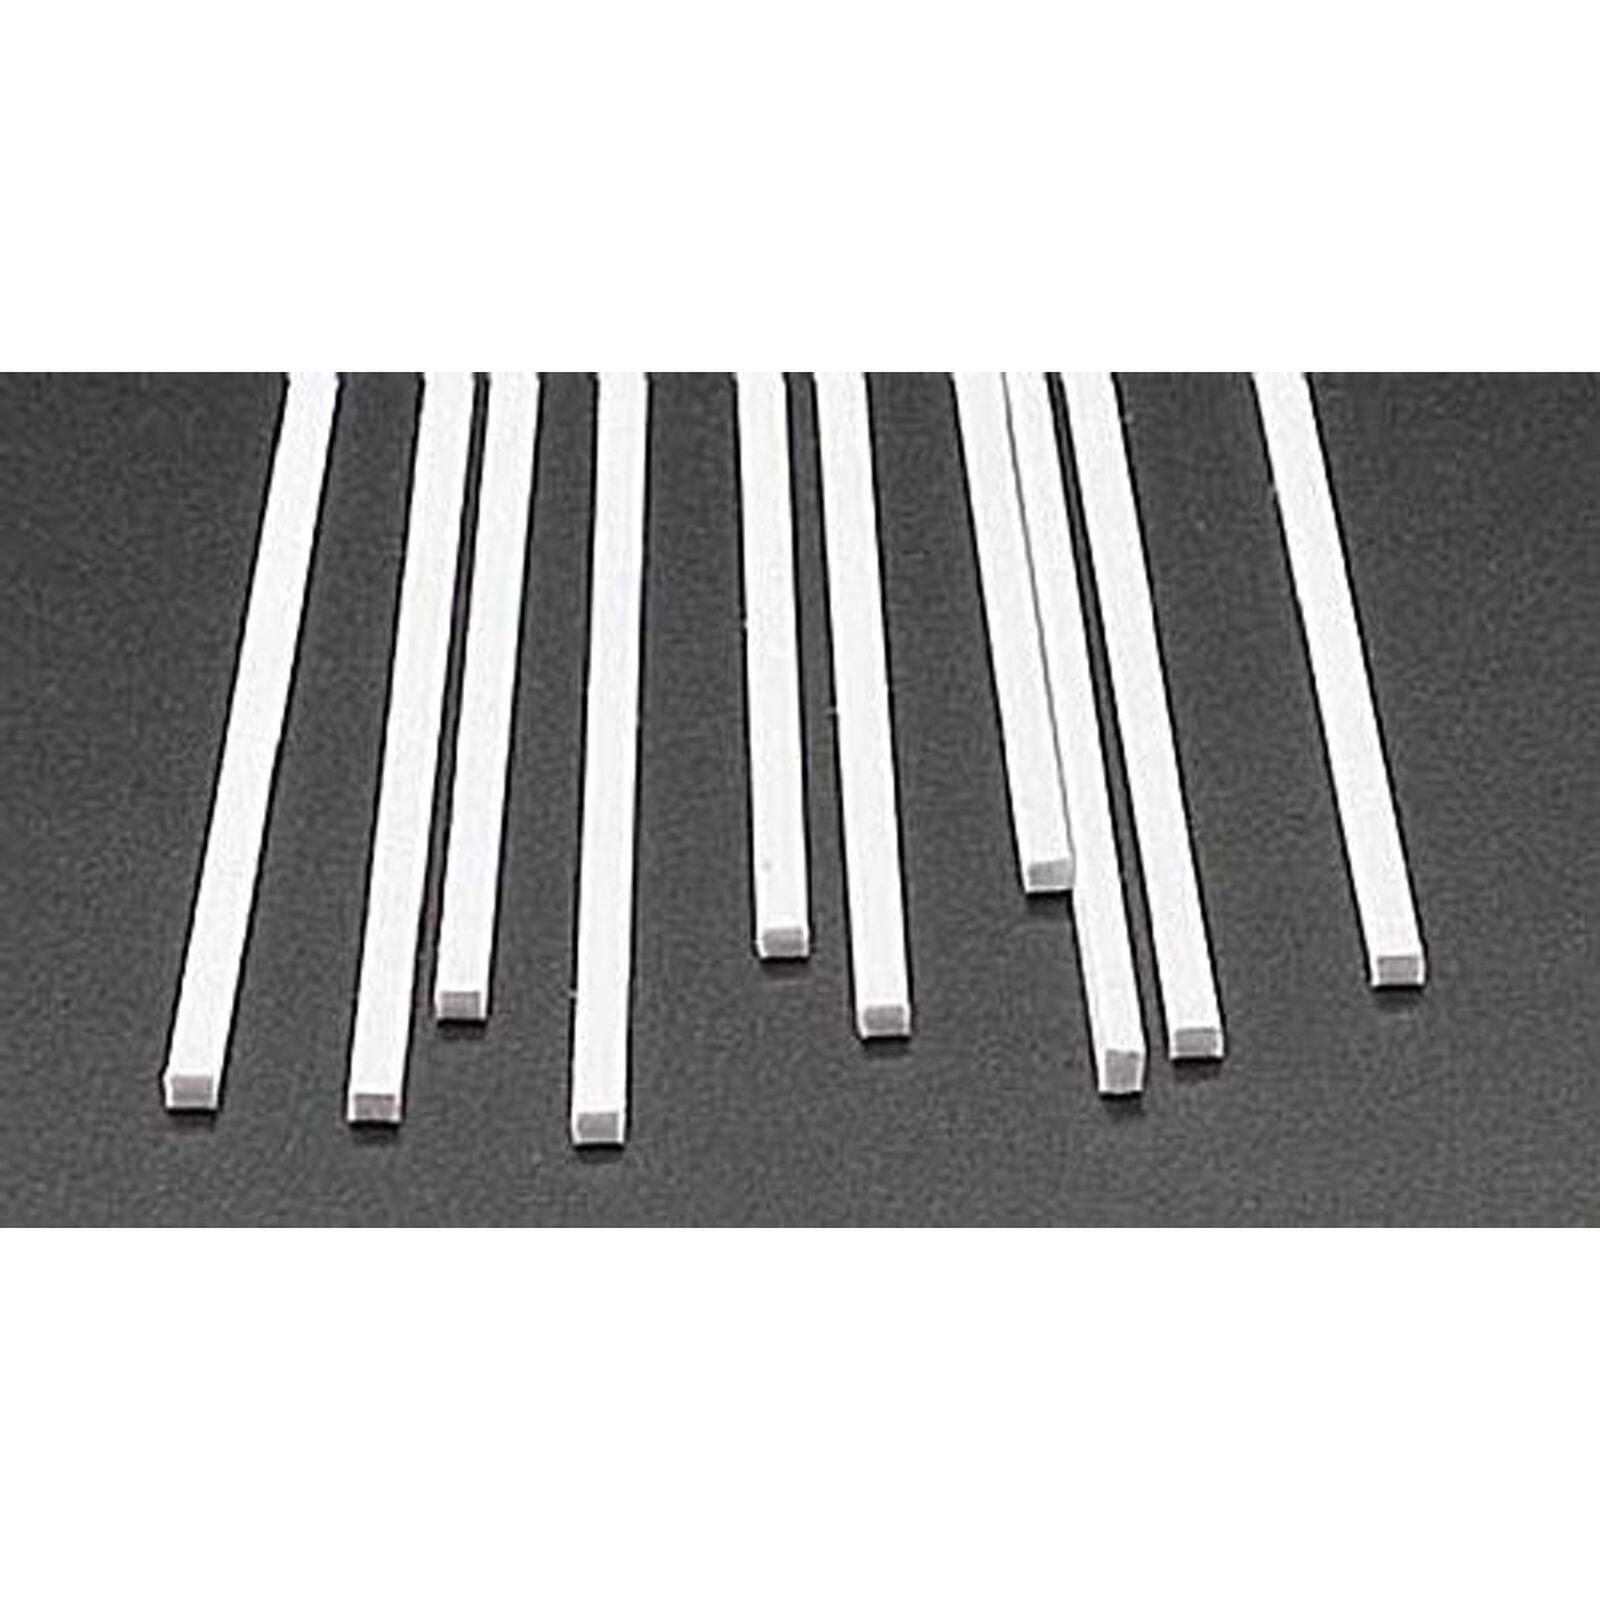 MS-810 Rect Strip,.080x.100 (10)